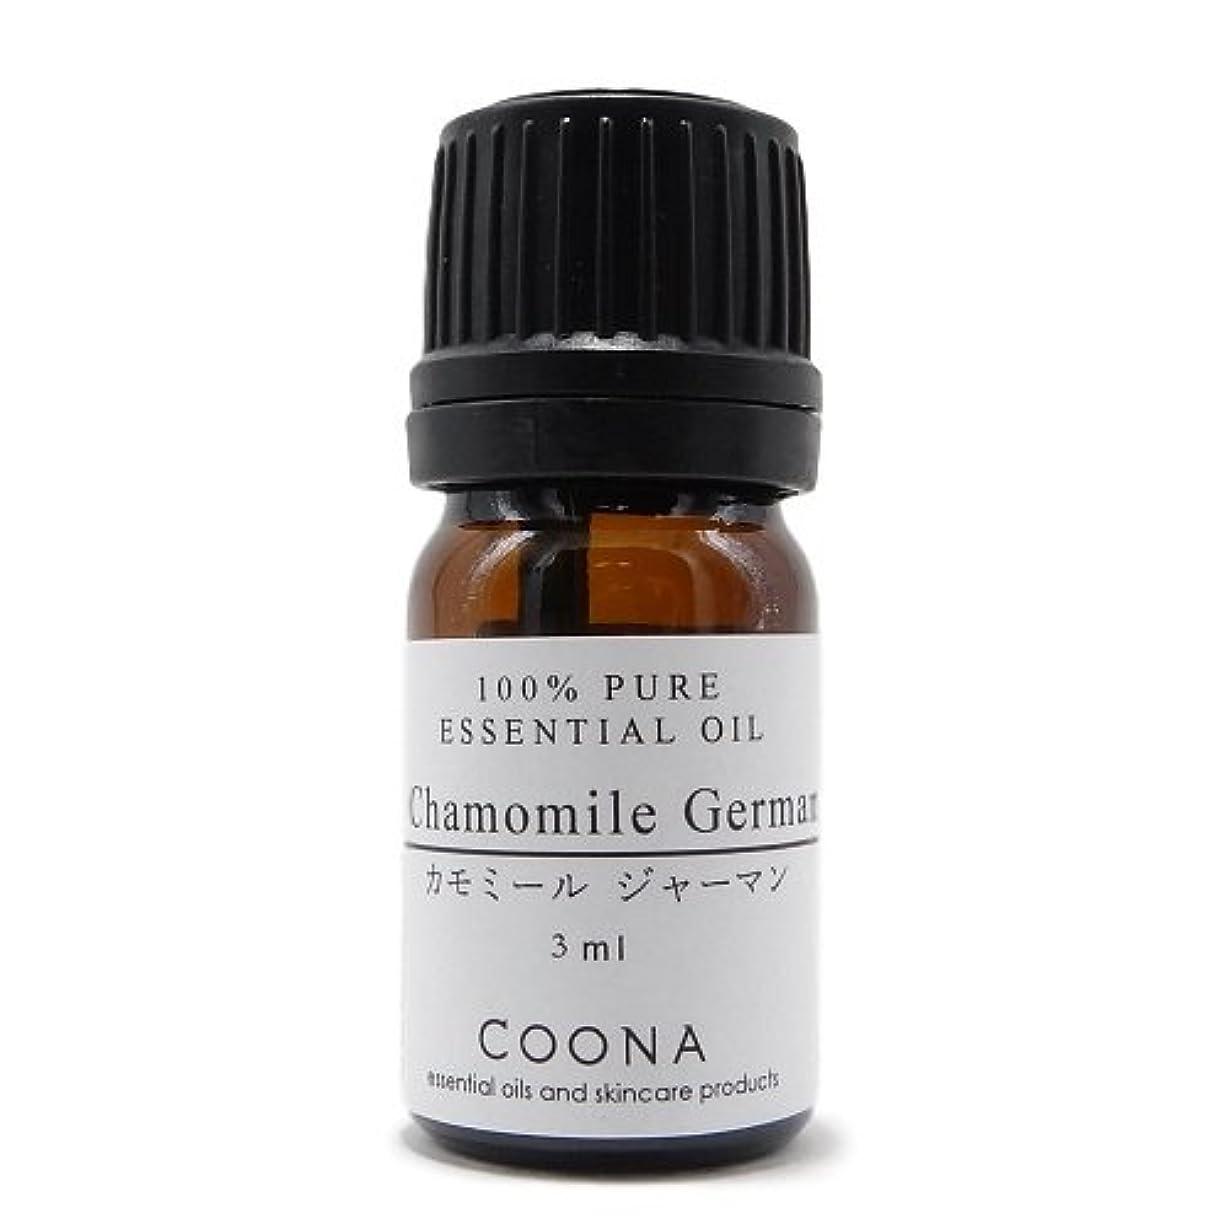 異常裏切り者コマンドカモミール ジャーマン 3 ml (COONA エッセンシャルオイル アロマオイル 100% 天然植物精油)